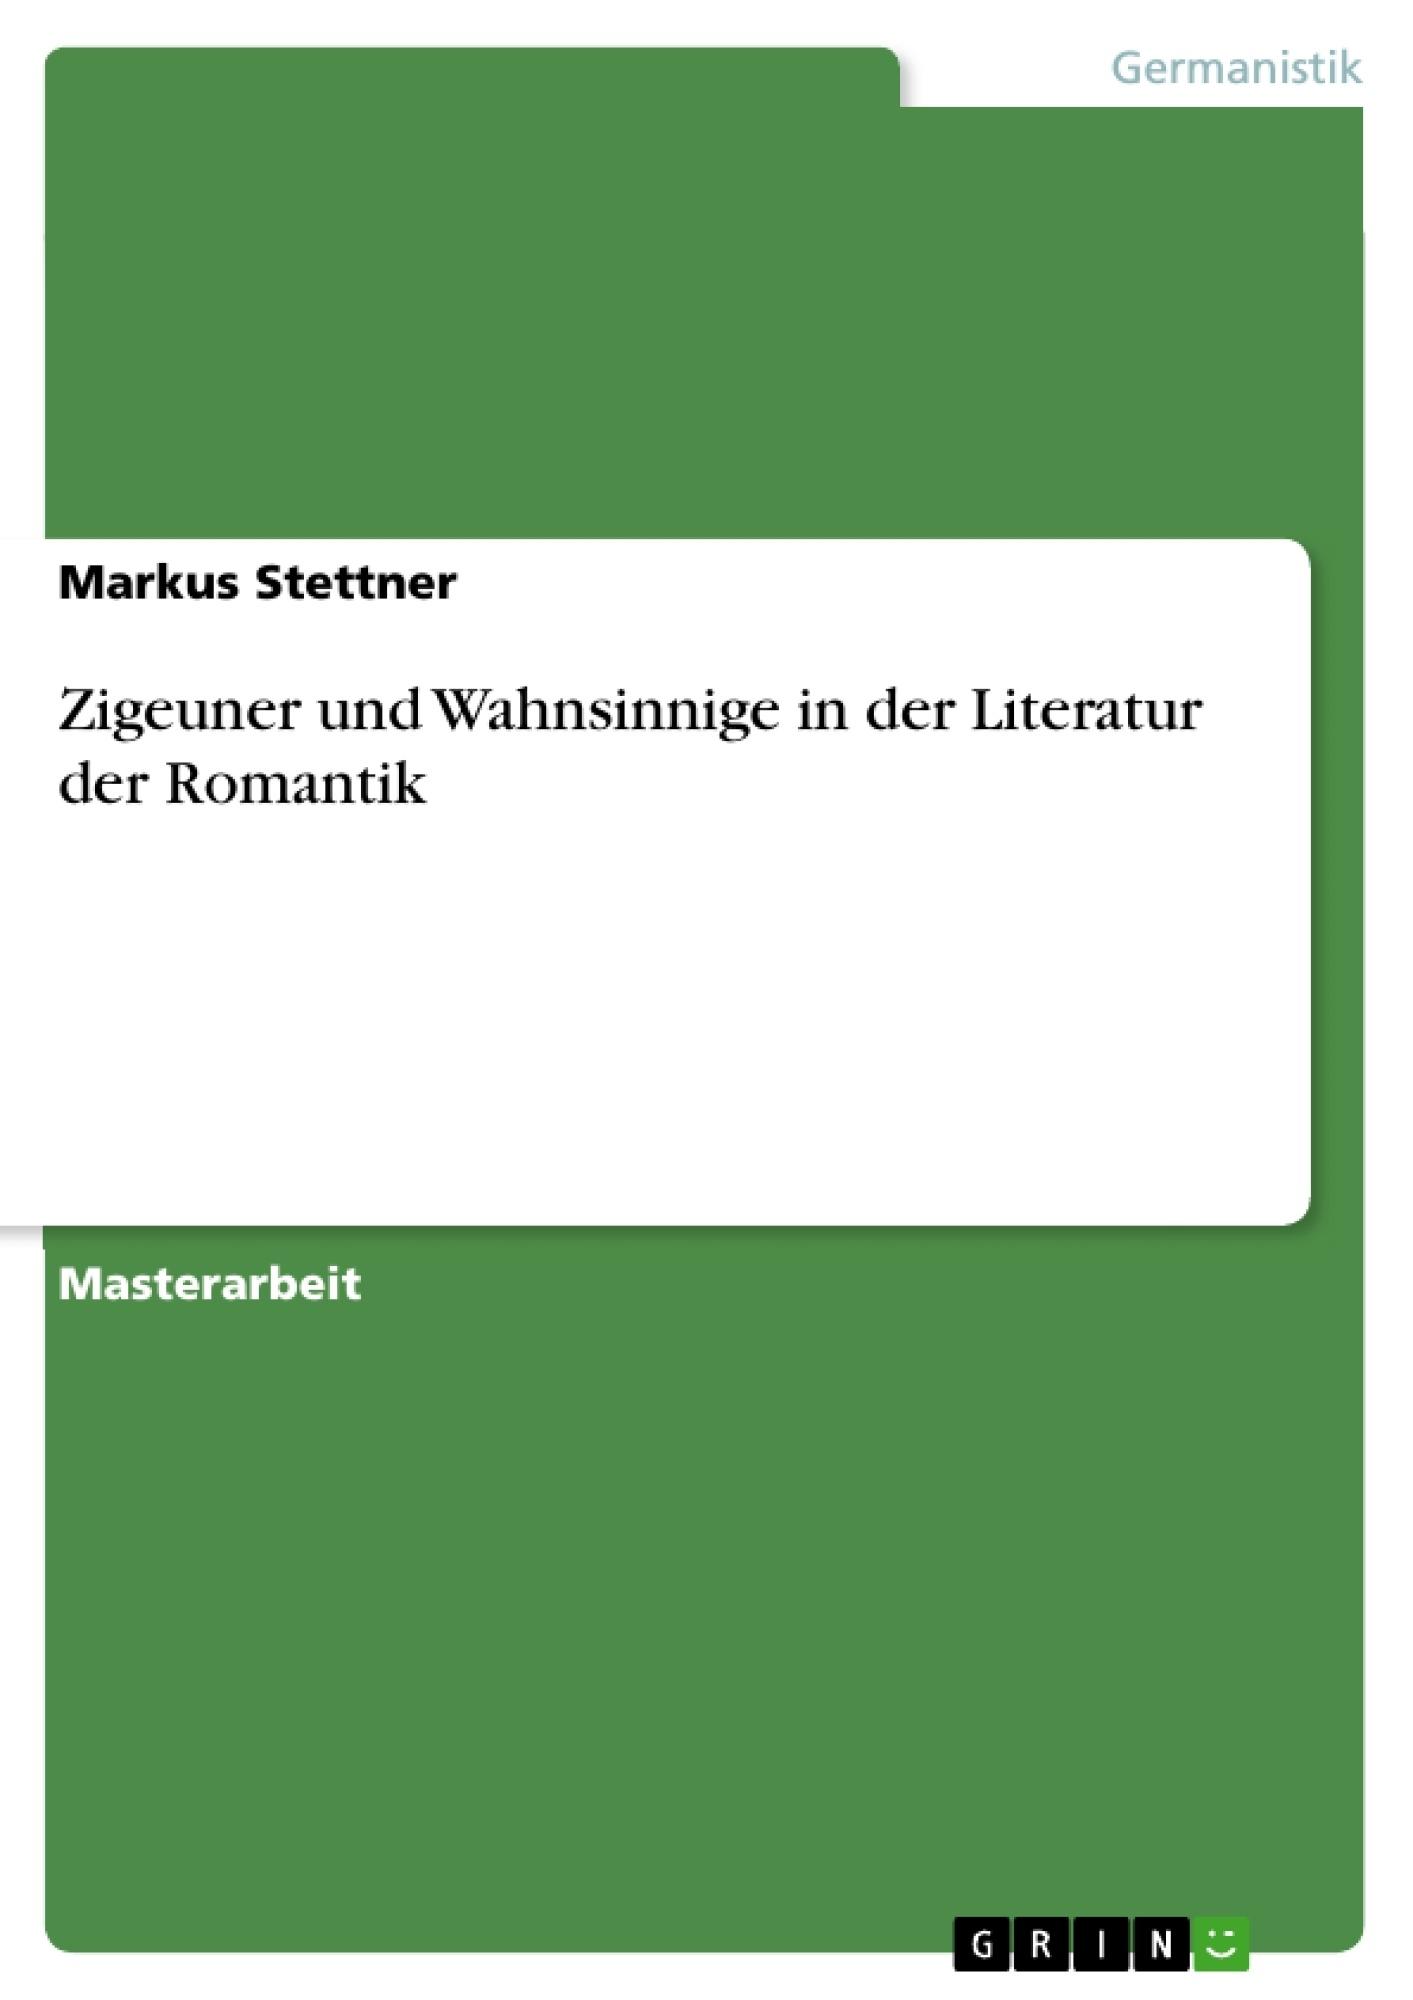 Titel: Zigeuner und Wahnsinnige in der Literatur der Romantik